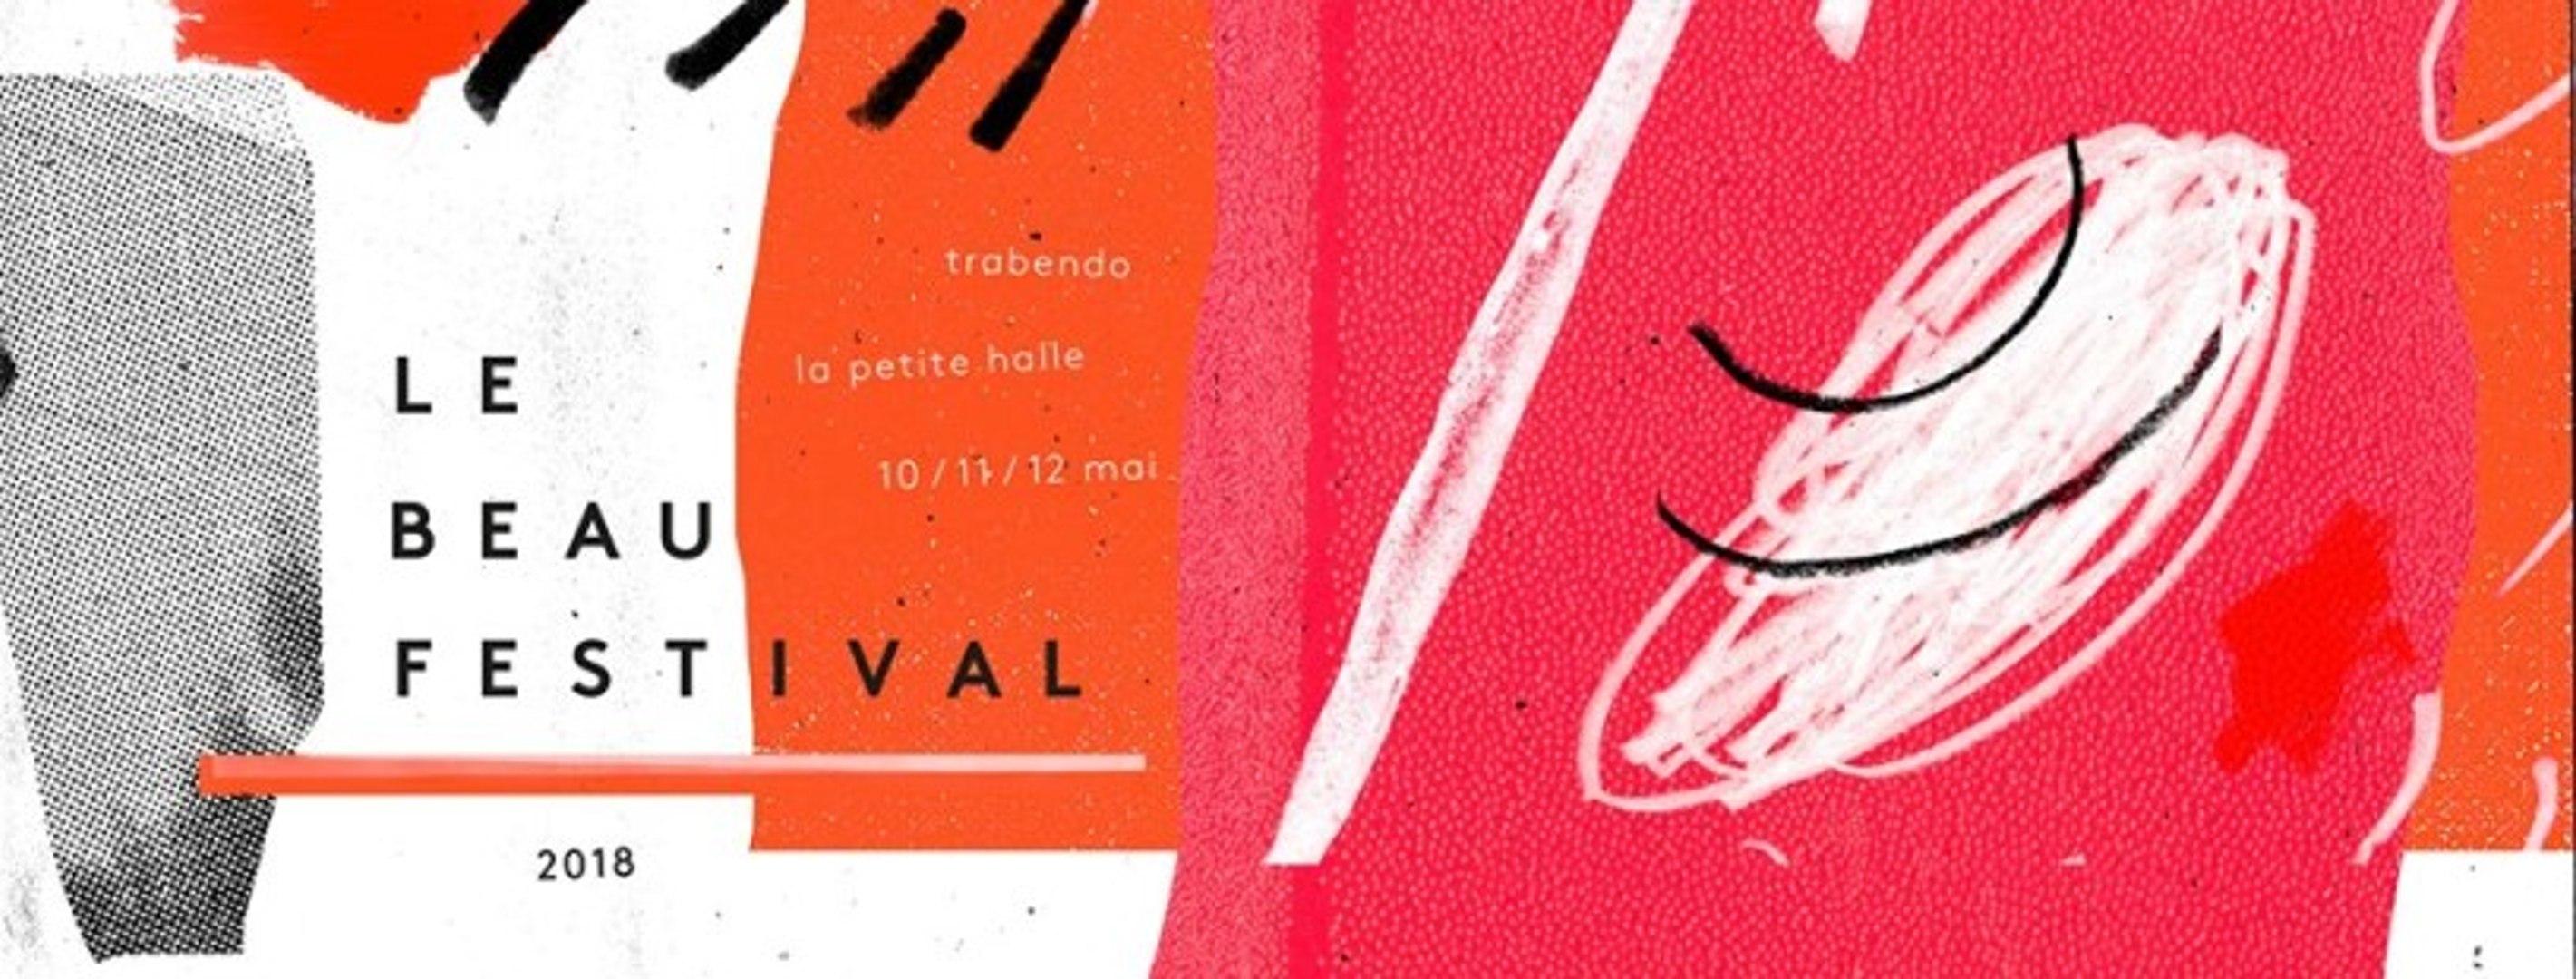 LIVE~2018!!! Le Beau Festival 2018 (((STREAM))) | at Paris, France